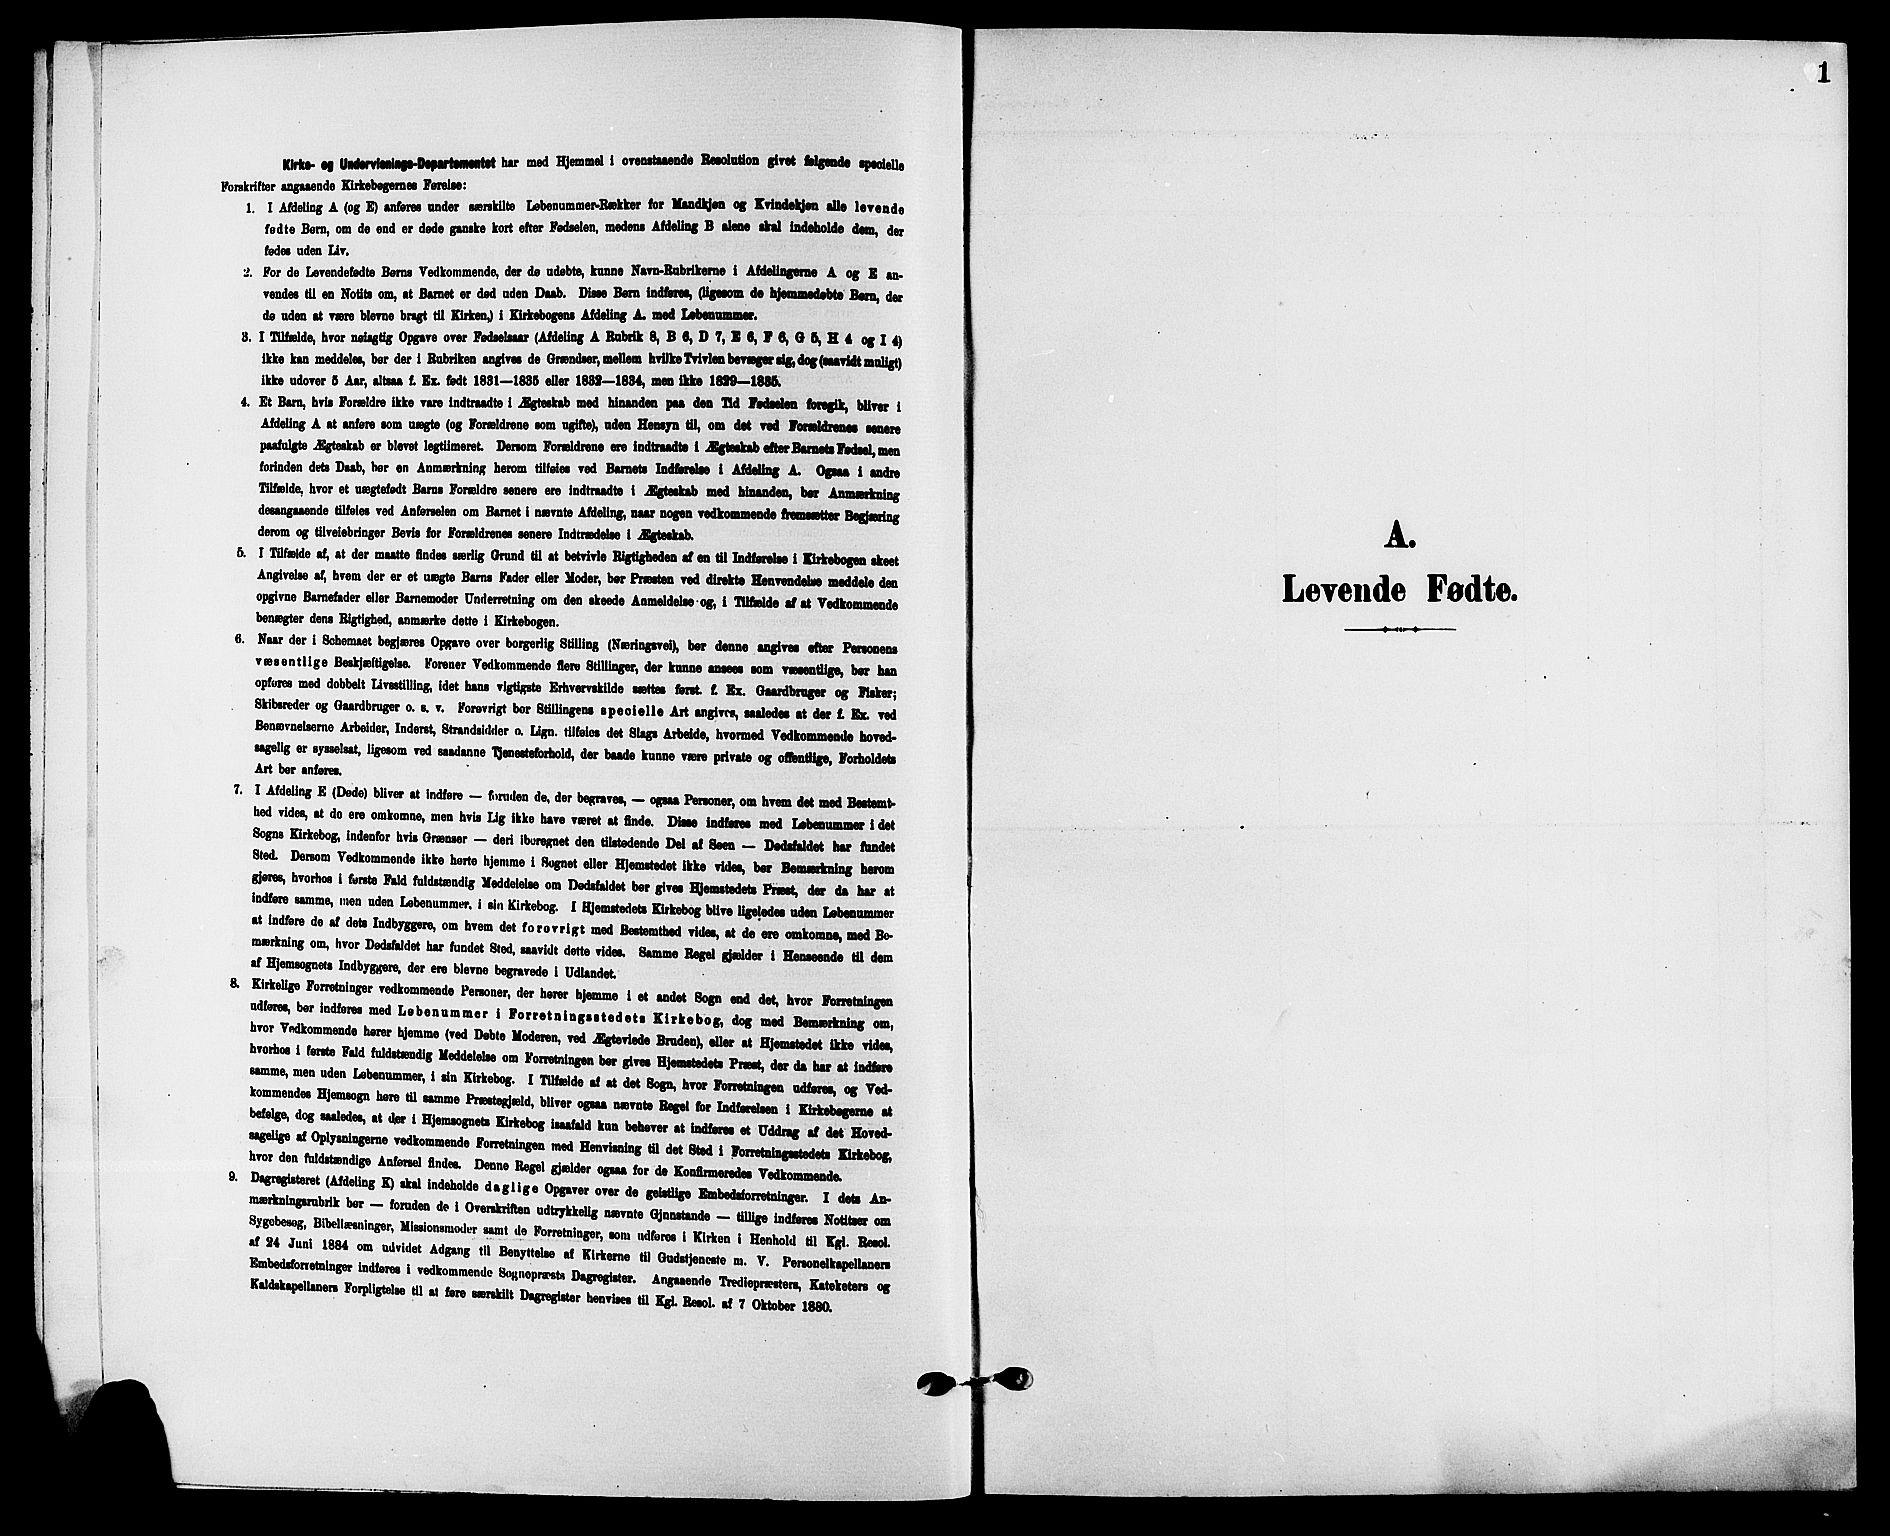 SAKO, Solum kirkebøker, G/Ga/L0008: Klokkerbok nr. I 8, 1898-1909, s. 1